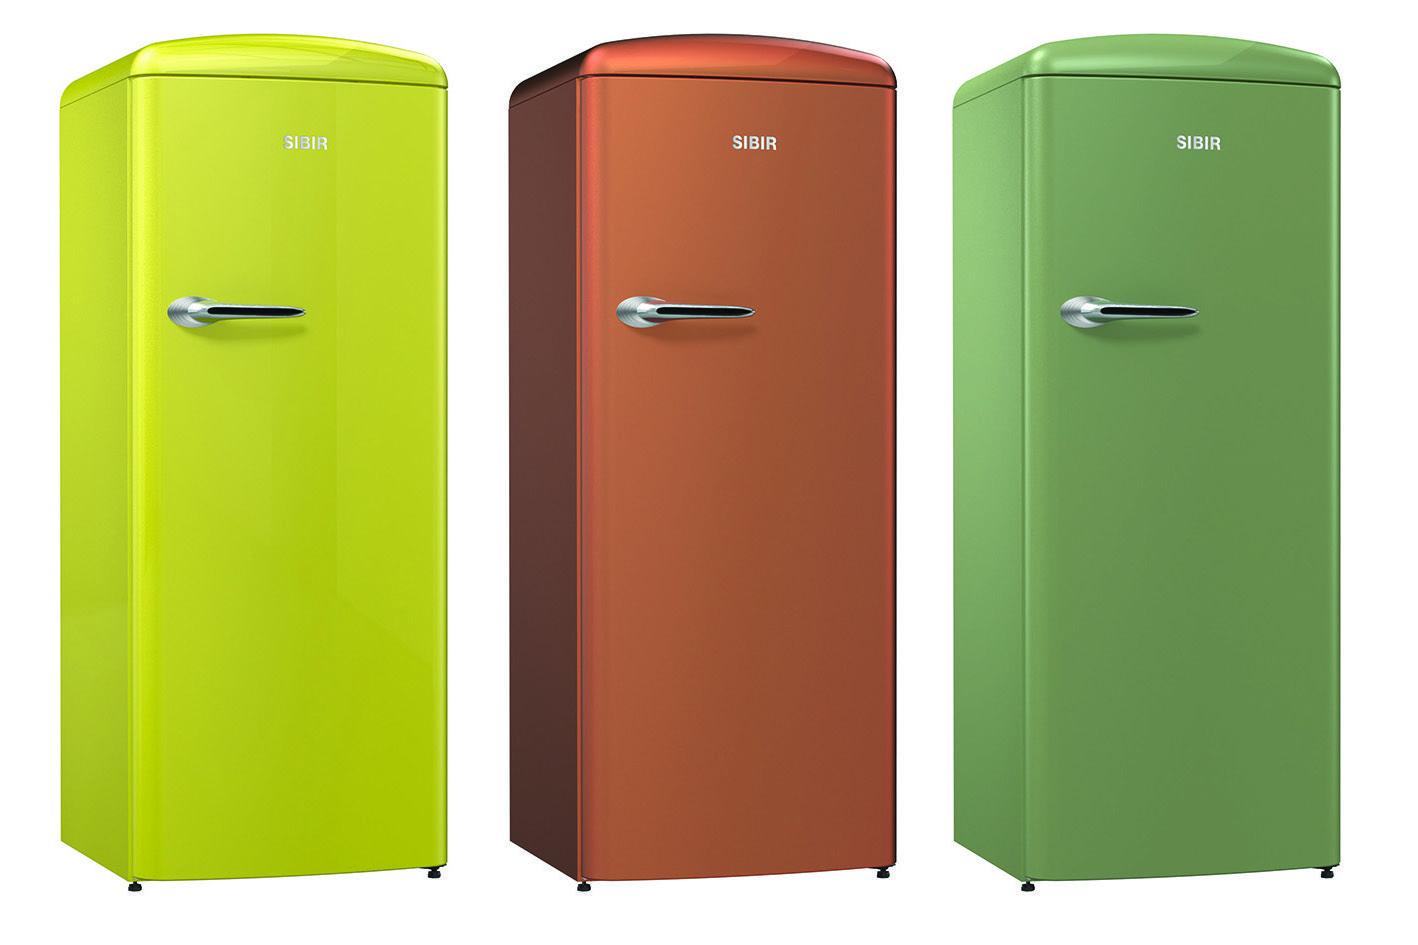 Retro Kühlschrank Wien : Retro artikel küche. hakenleiste küche ikea spritzschutz wien